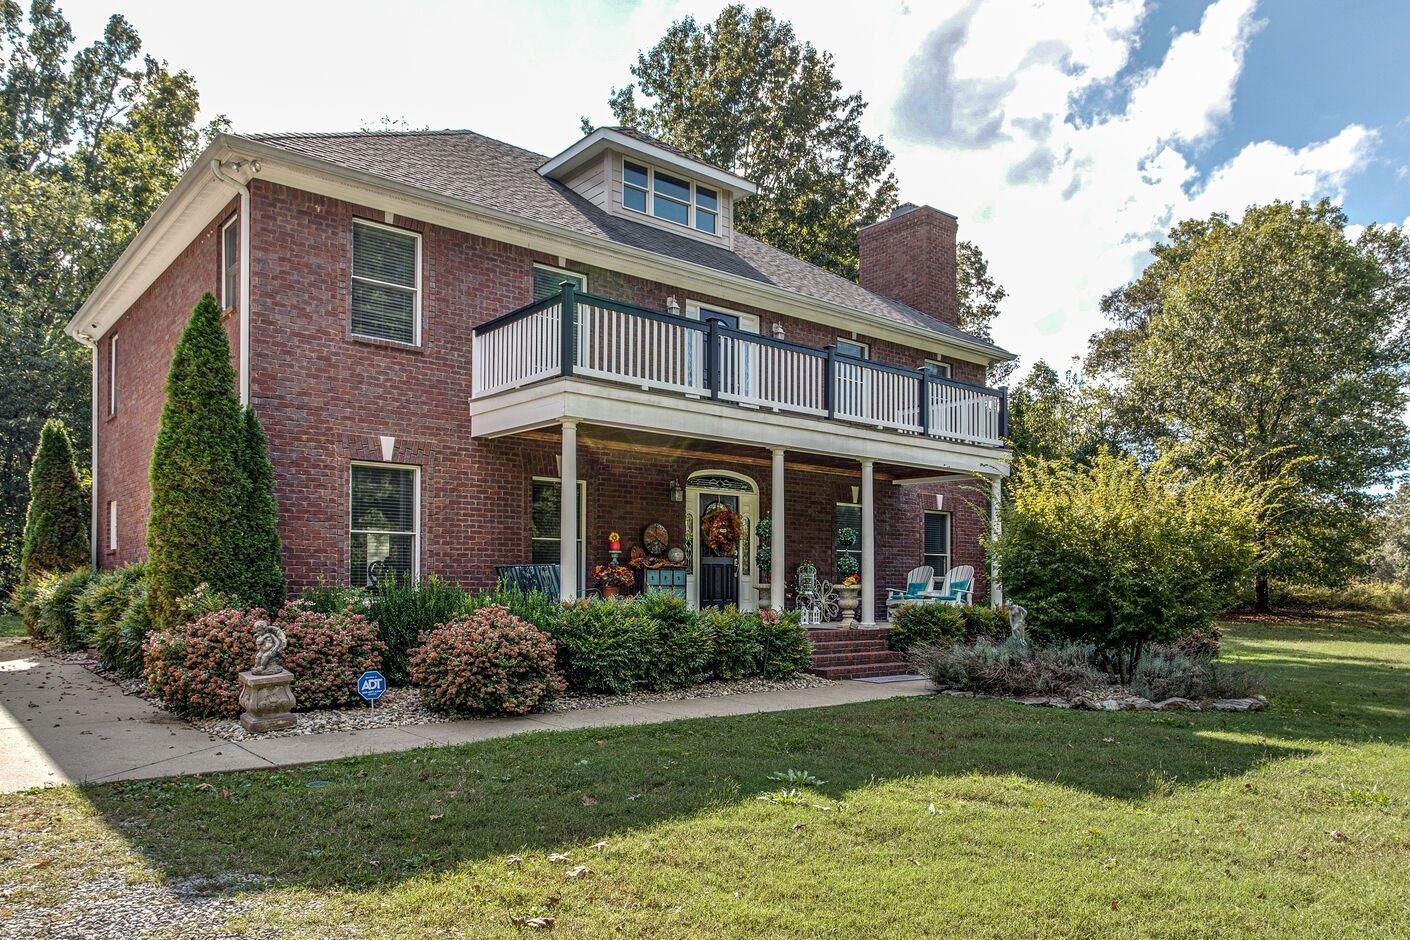 3840 E Compton Rd                                                                               Murfreesboro                                                                      , TN - $899,000